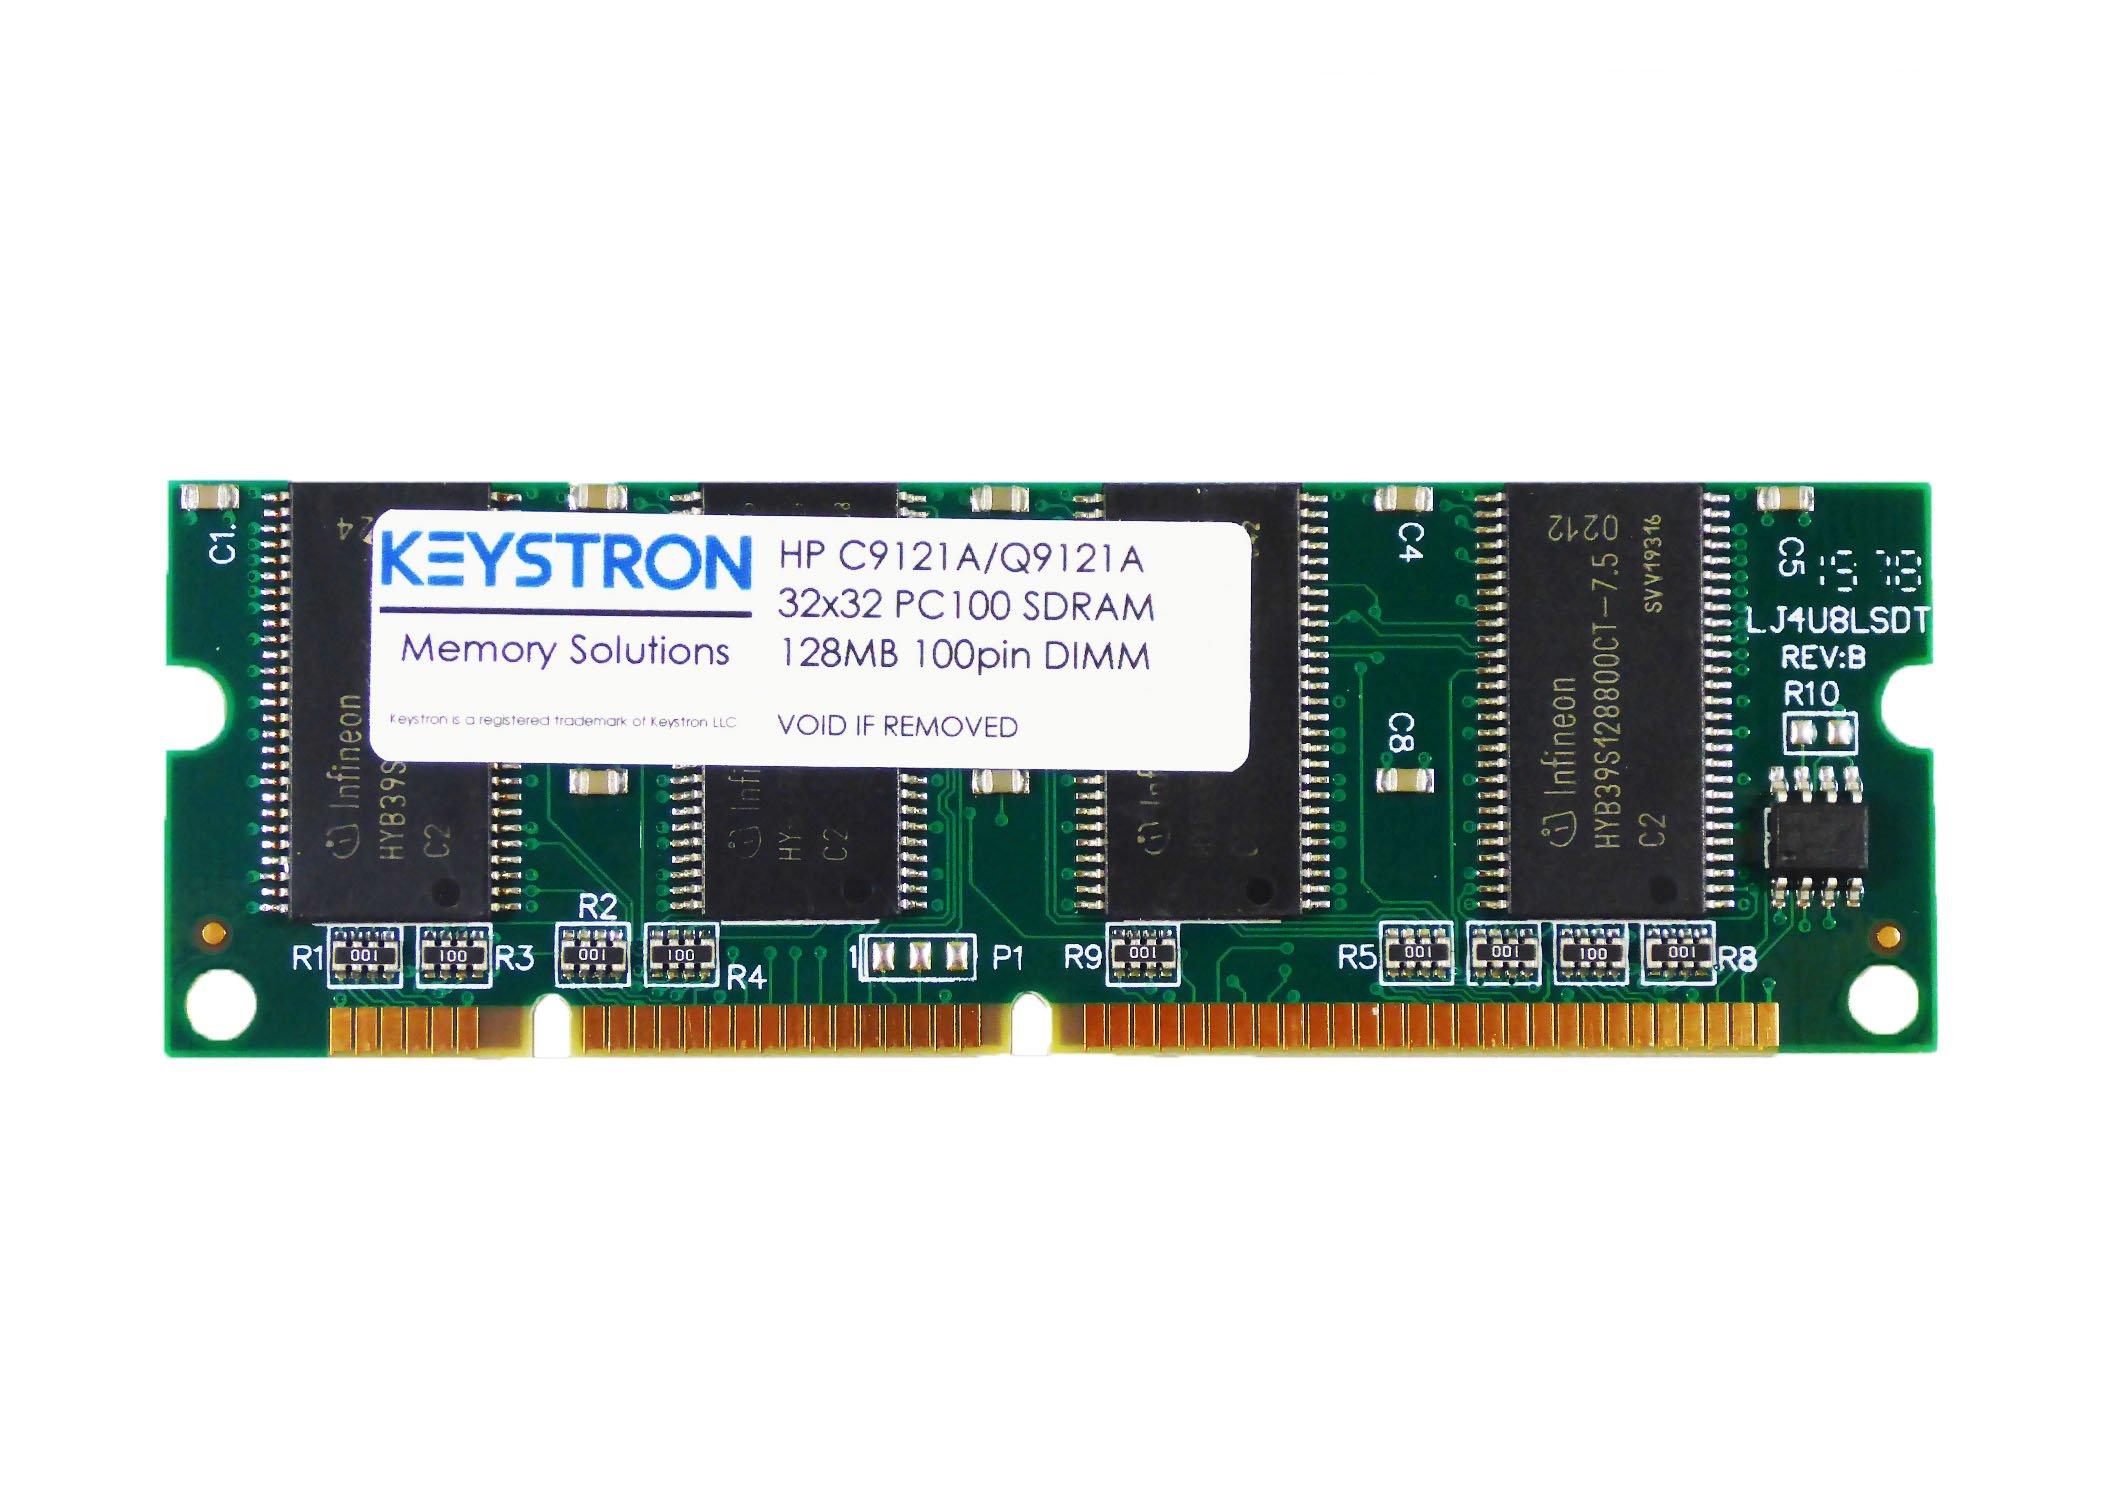 128MB HP LaserJet Printer 100-pin Memory for HP LaserJet 1320 2300 2505 2550 2605 2700 2820 2840 3390 3392 4100 4200 4300 5100 8150 9000 (p/n C9121A, Q9121A, Q7709A) by Keystron